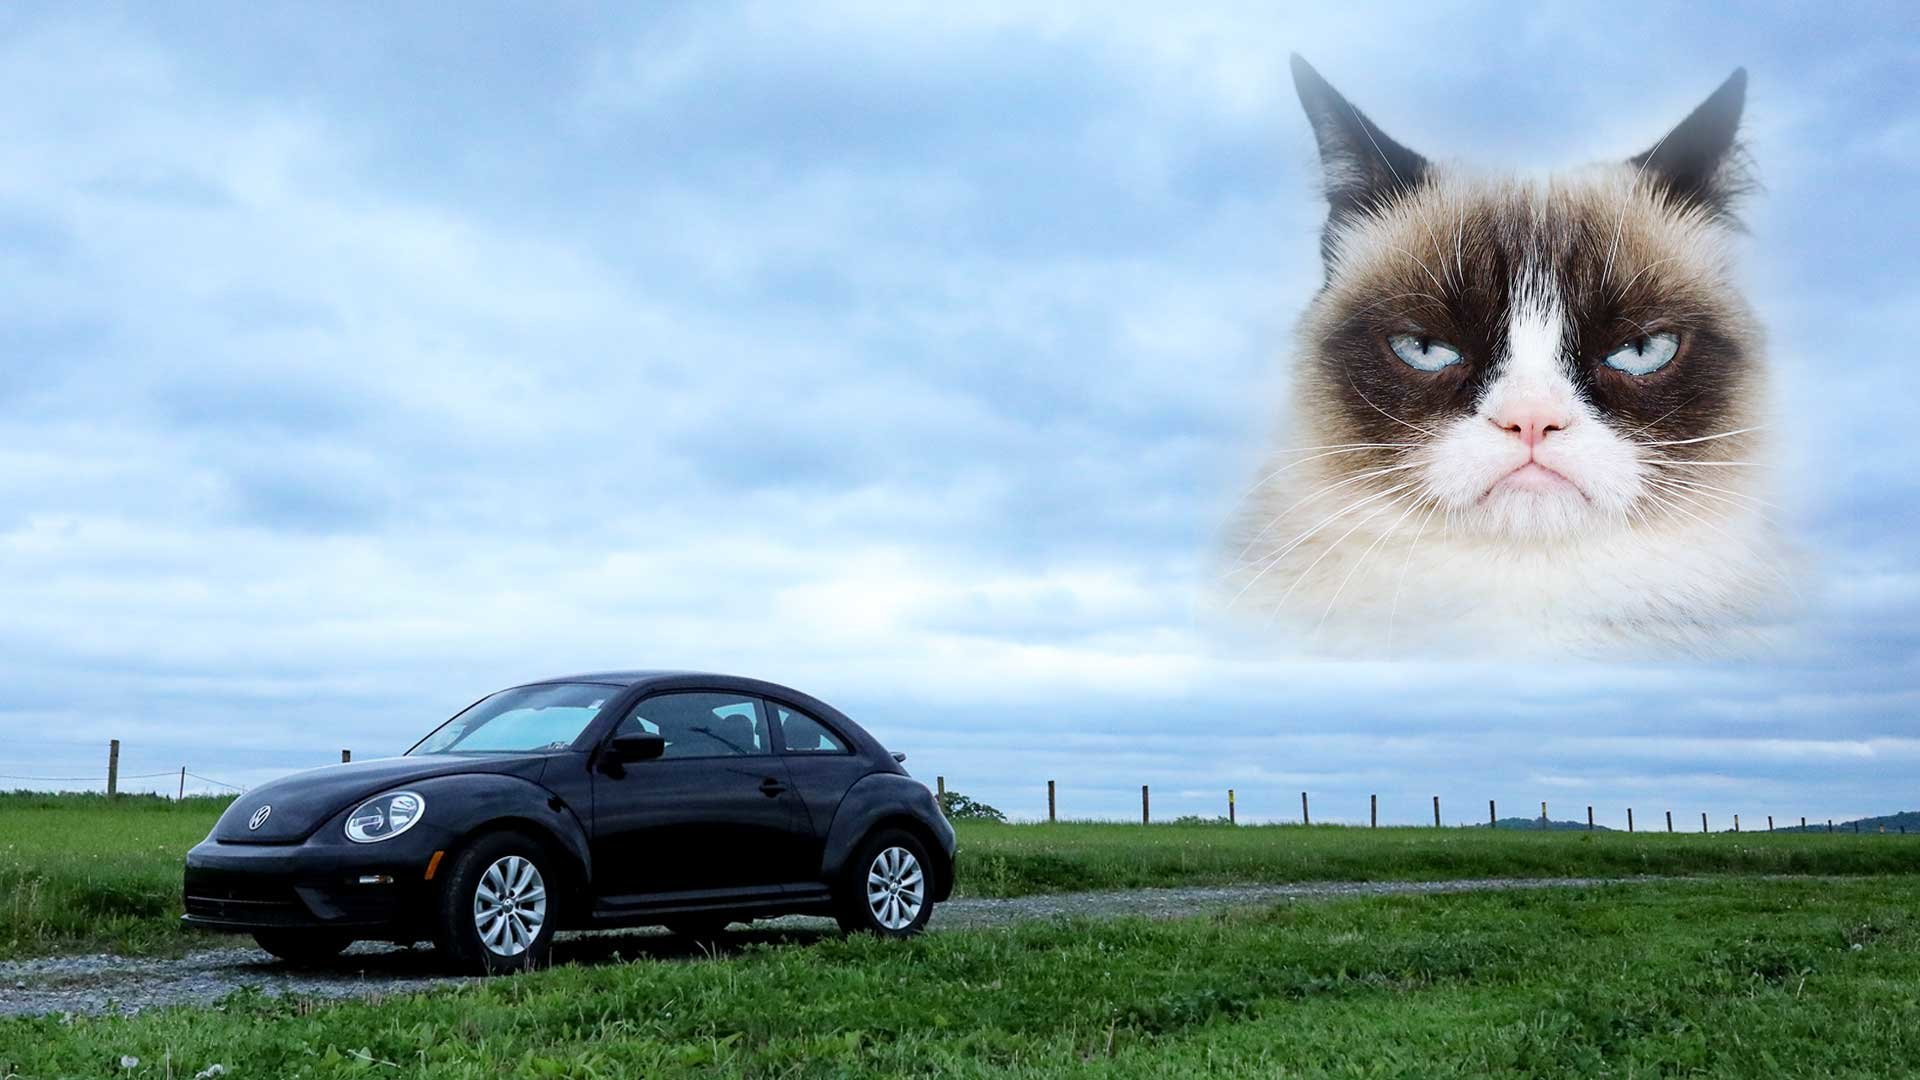 diehl auto butler volkswagen beetle grumpy cat eulogy parody tardar sauce cat lover animal lover